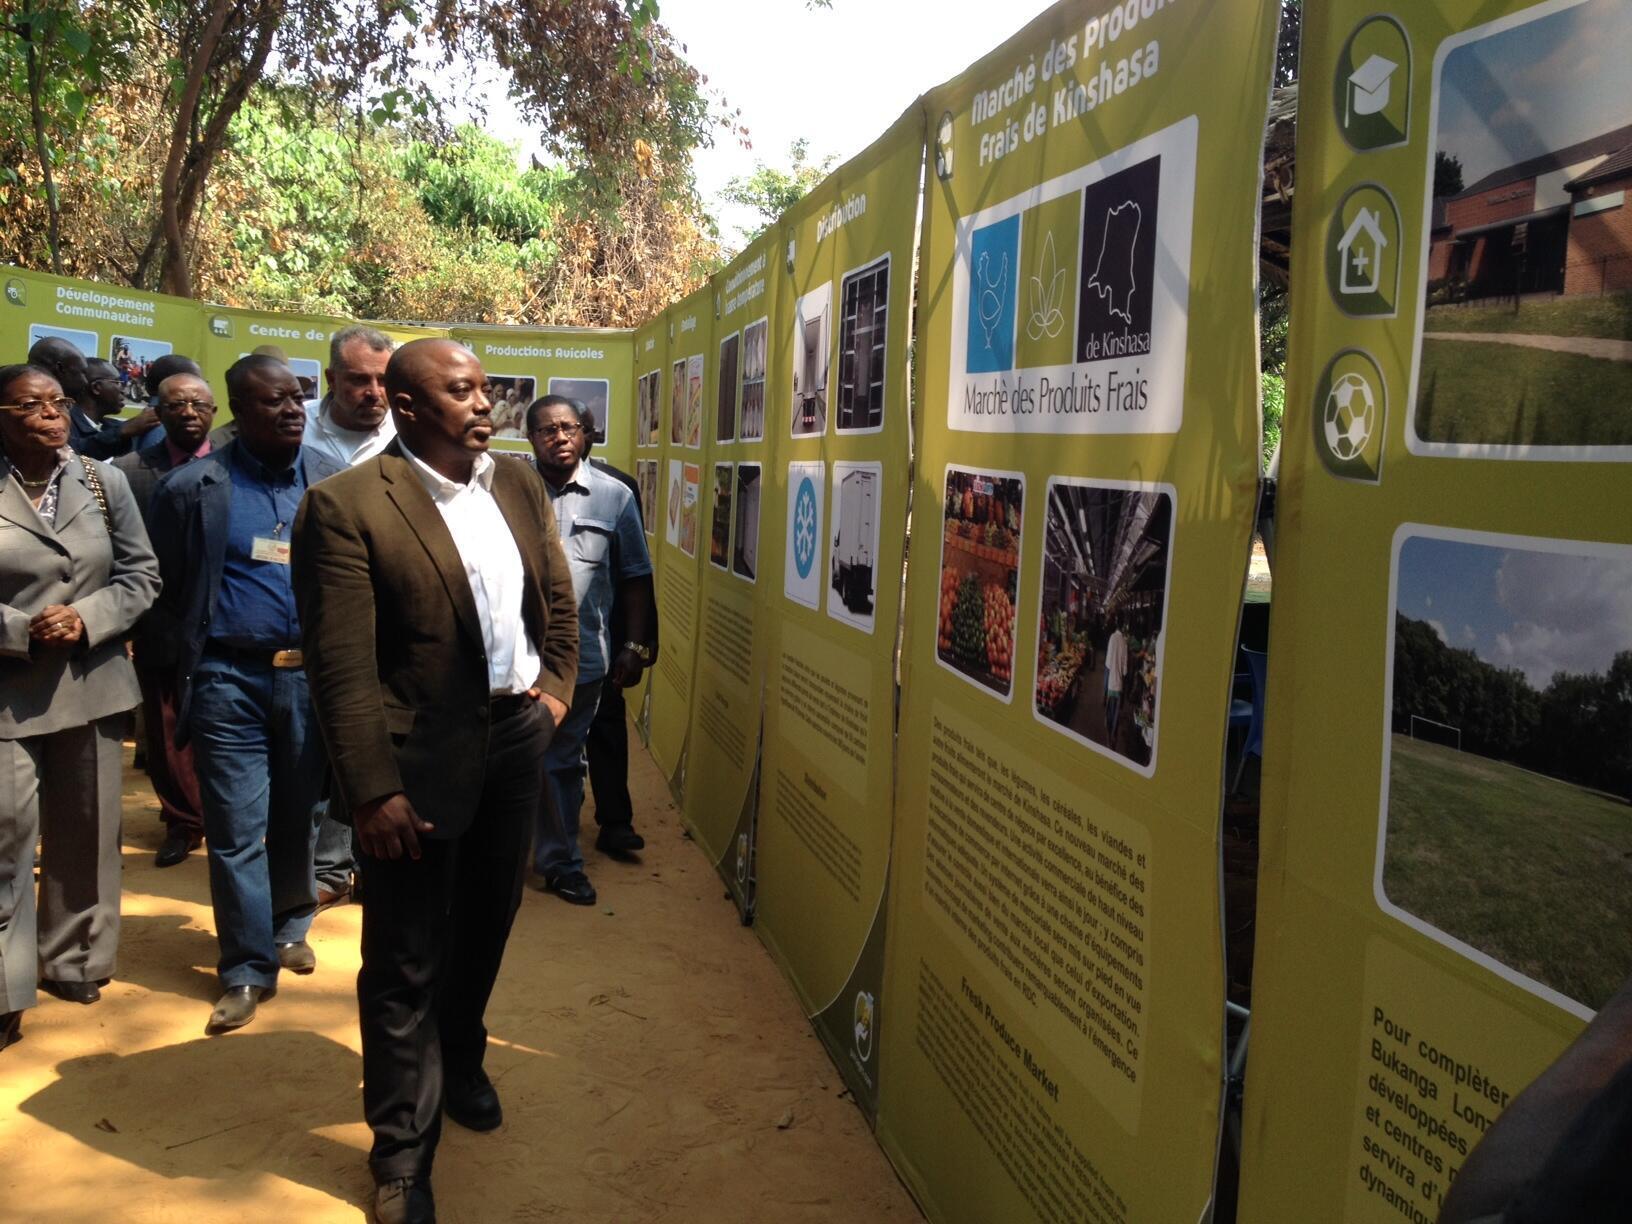 Le président congolais, Joseph Kabila, découvre le projet d'exploitation de l'entreprise sud-africaine Africom dans une ferme de la province du Bandundu, le 15 juillet 2014.